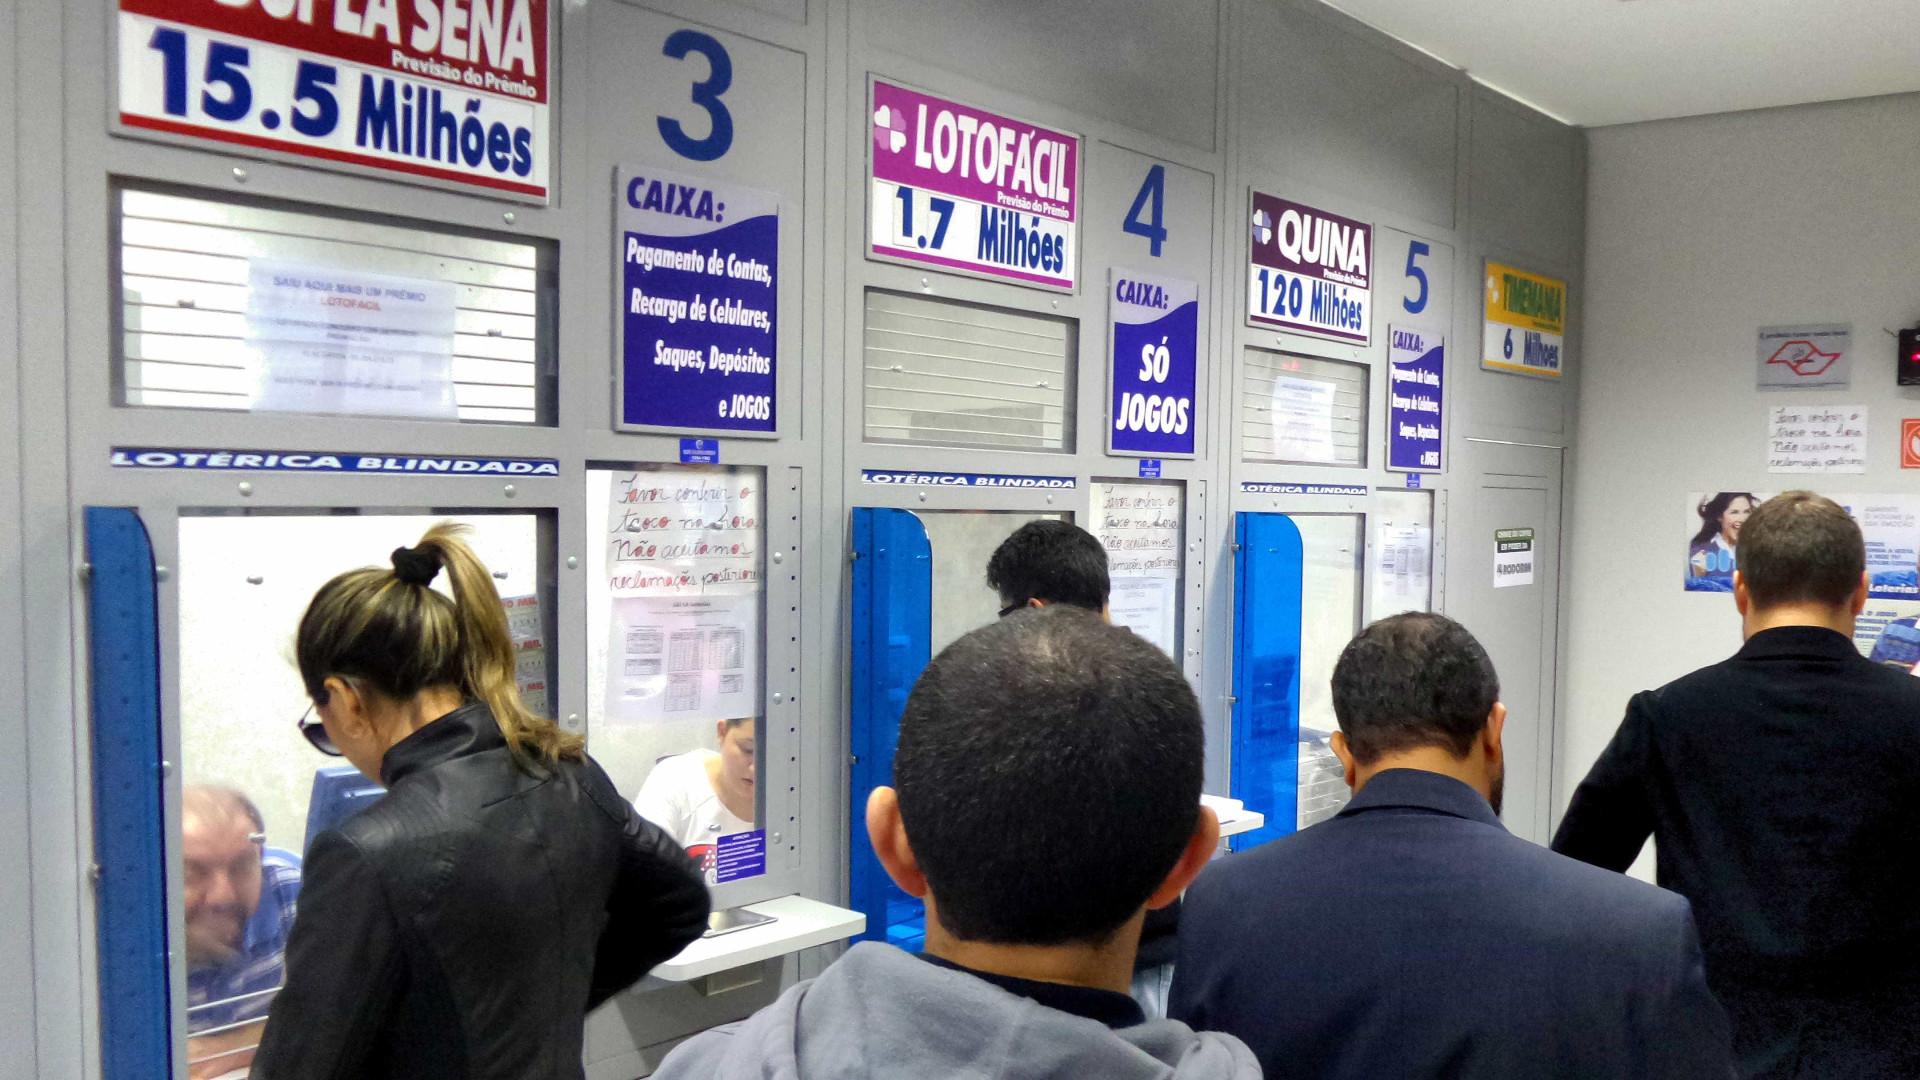 Dois apostadures faturam mais de R$ 1 milhão em prêmio da Lotofácil